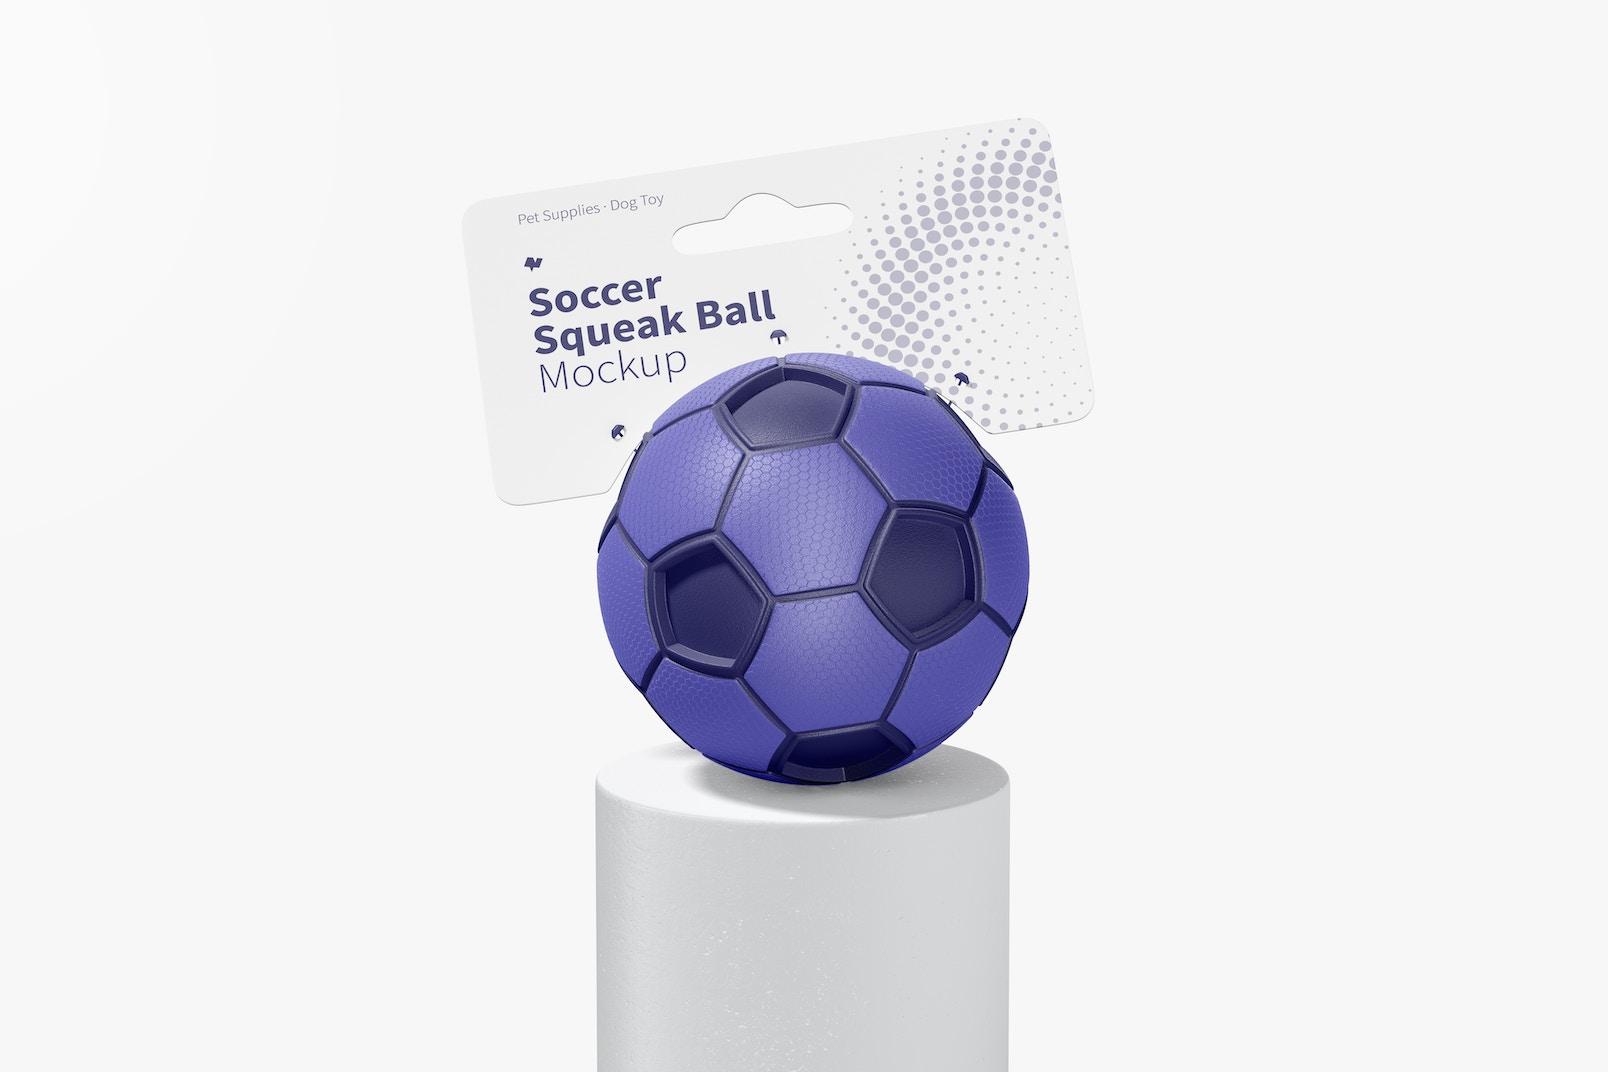 Soccer Squeak Ball Mockup